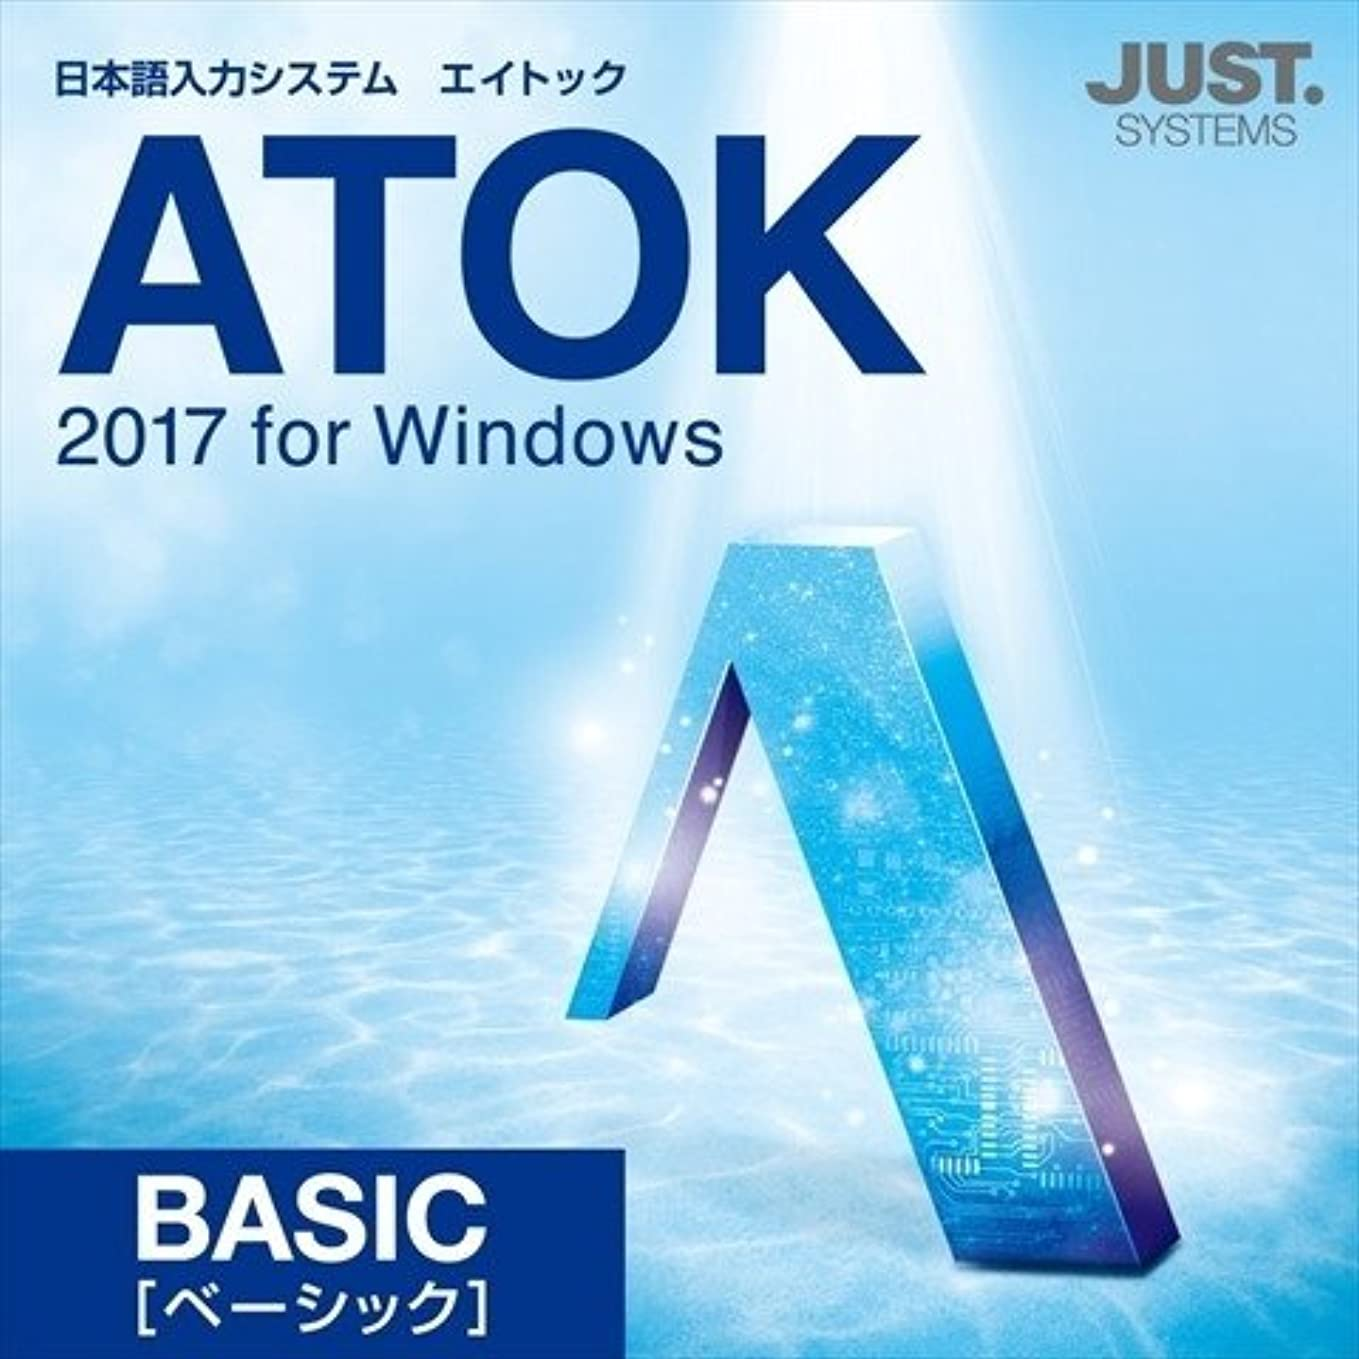 見える慣らす薄いジャストシステム ATOK 2017 for Windows 「ベーシック」 PCパーツバンドル版 [日本語入力ソフト(Windows版)]